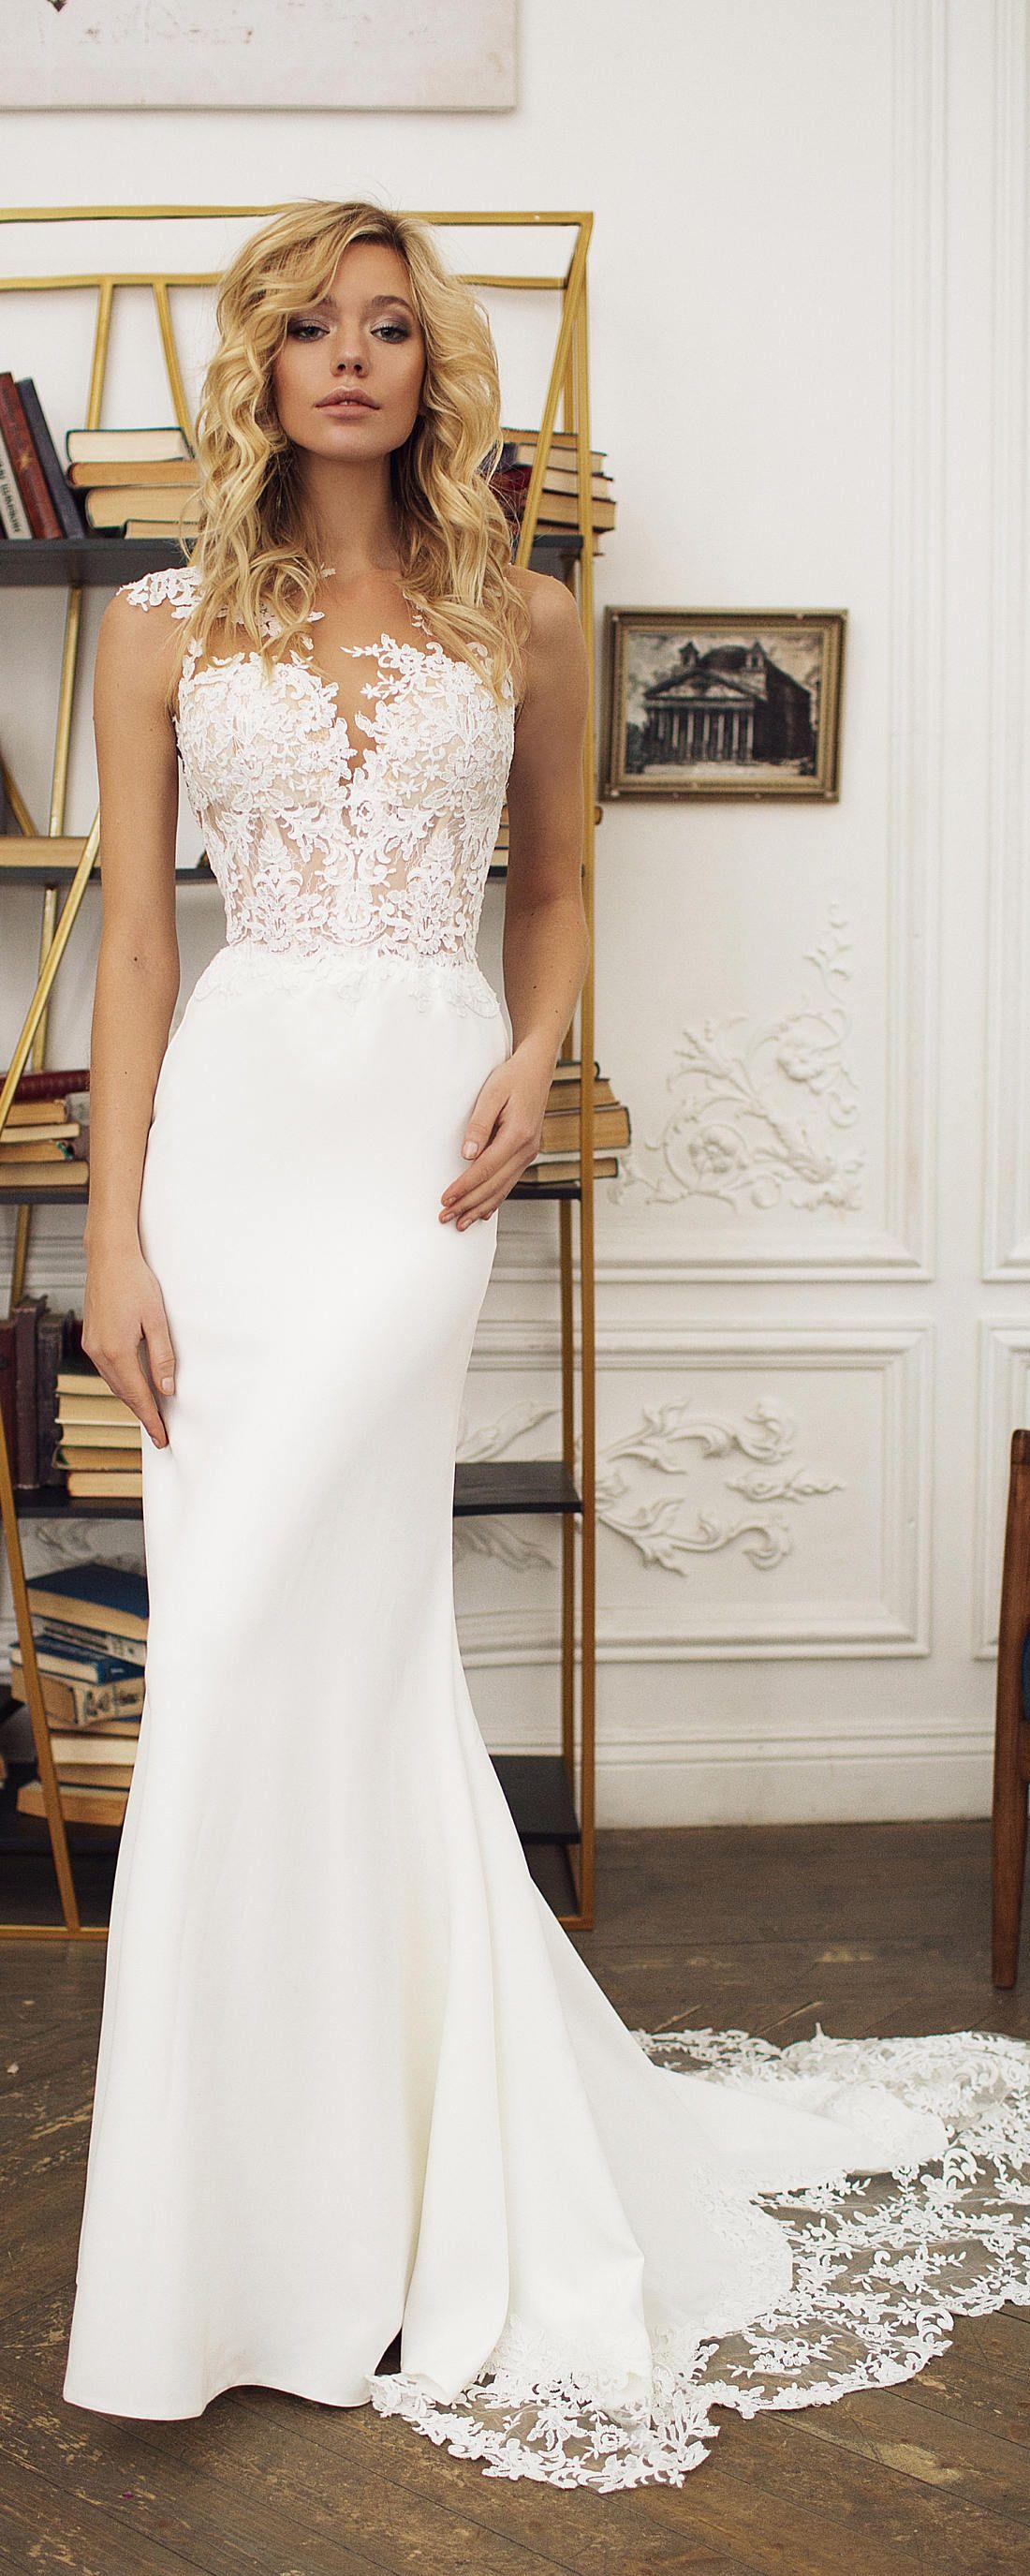 What is a mermaid wedding dress  Mermaid wedding dress illusion back wedding dress